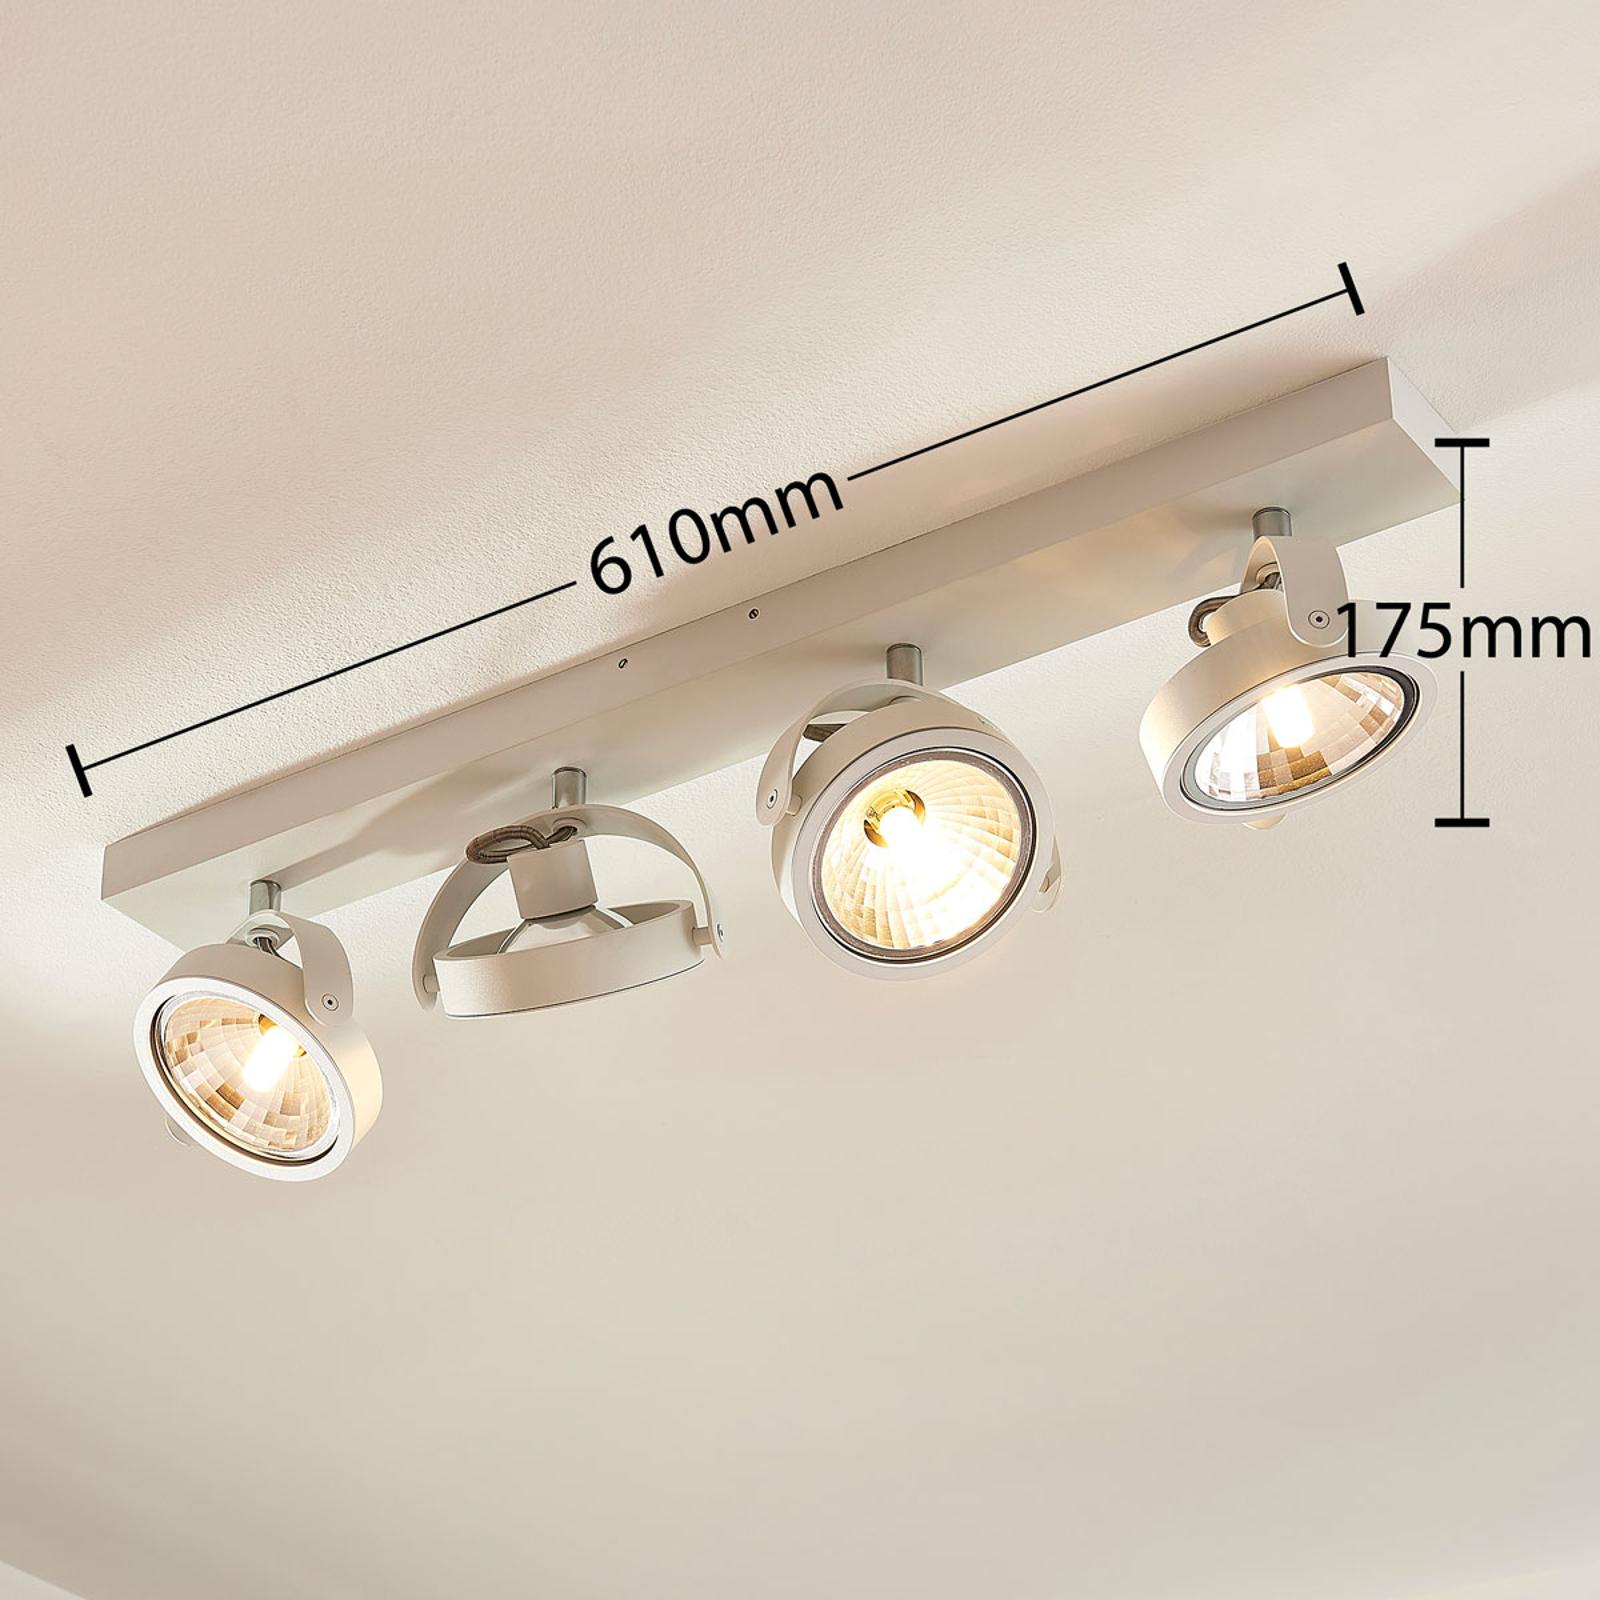 Längliche LED Deckenlampe Lieven, 4 fl. weiß